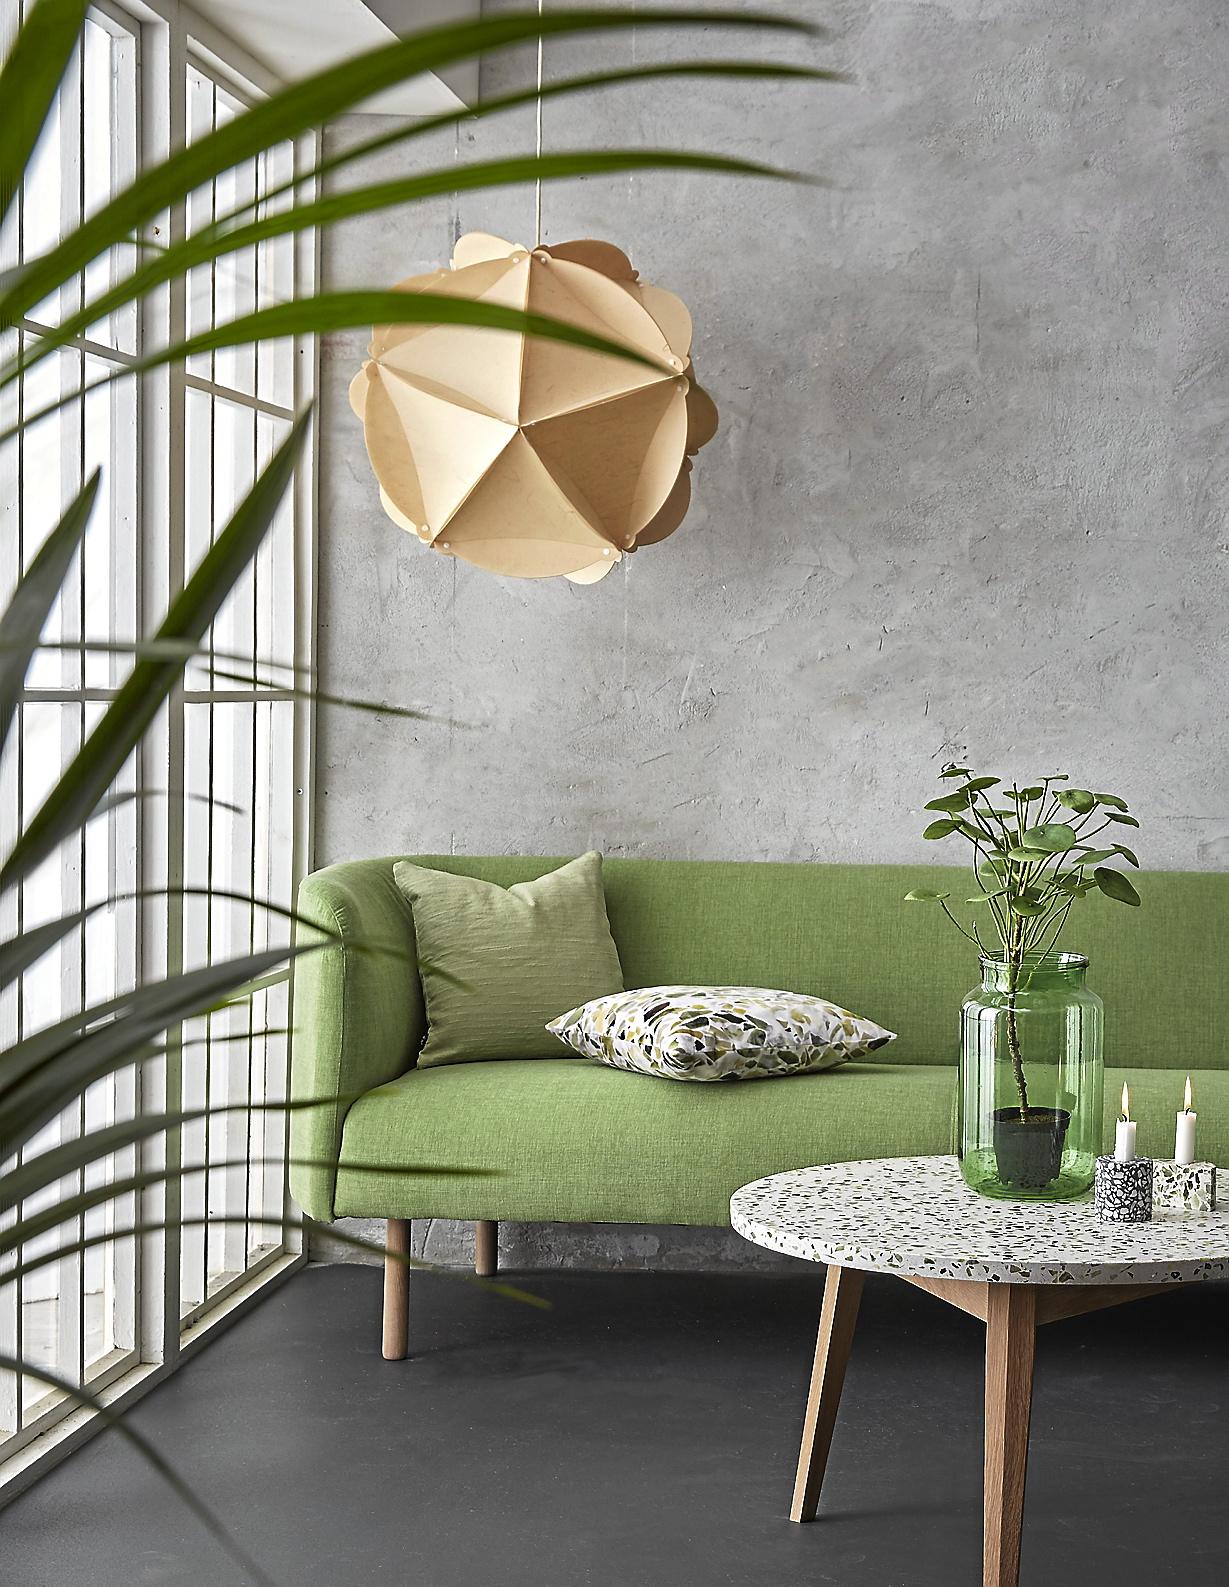 Smaragdgrönt, mossgrönt och flaskgrönt. En av vårens riktiga trendfärger kommer nu även på möblerna. Kombinera med gröna växter och material som trä och terrazzo. Lampan av återvunnet papper, 999 kr. Soffa, 7 899 kr. Soffbord, 3 199 kr, allt från Ilva.